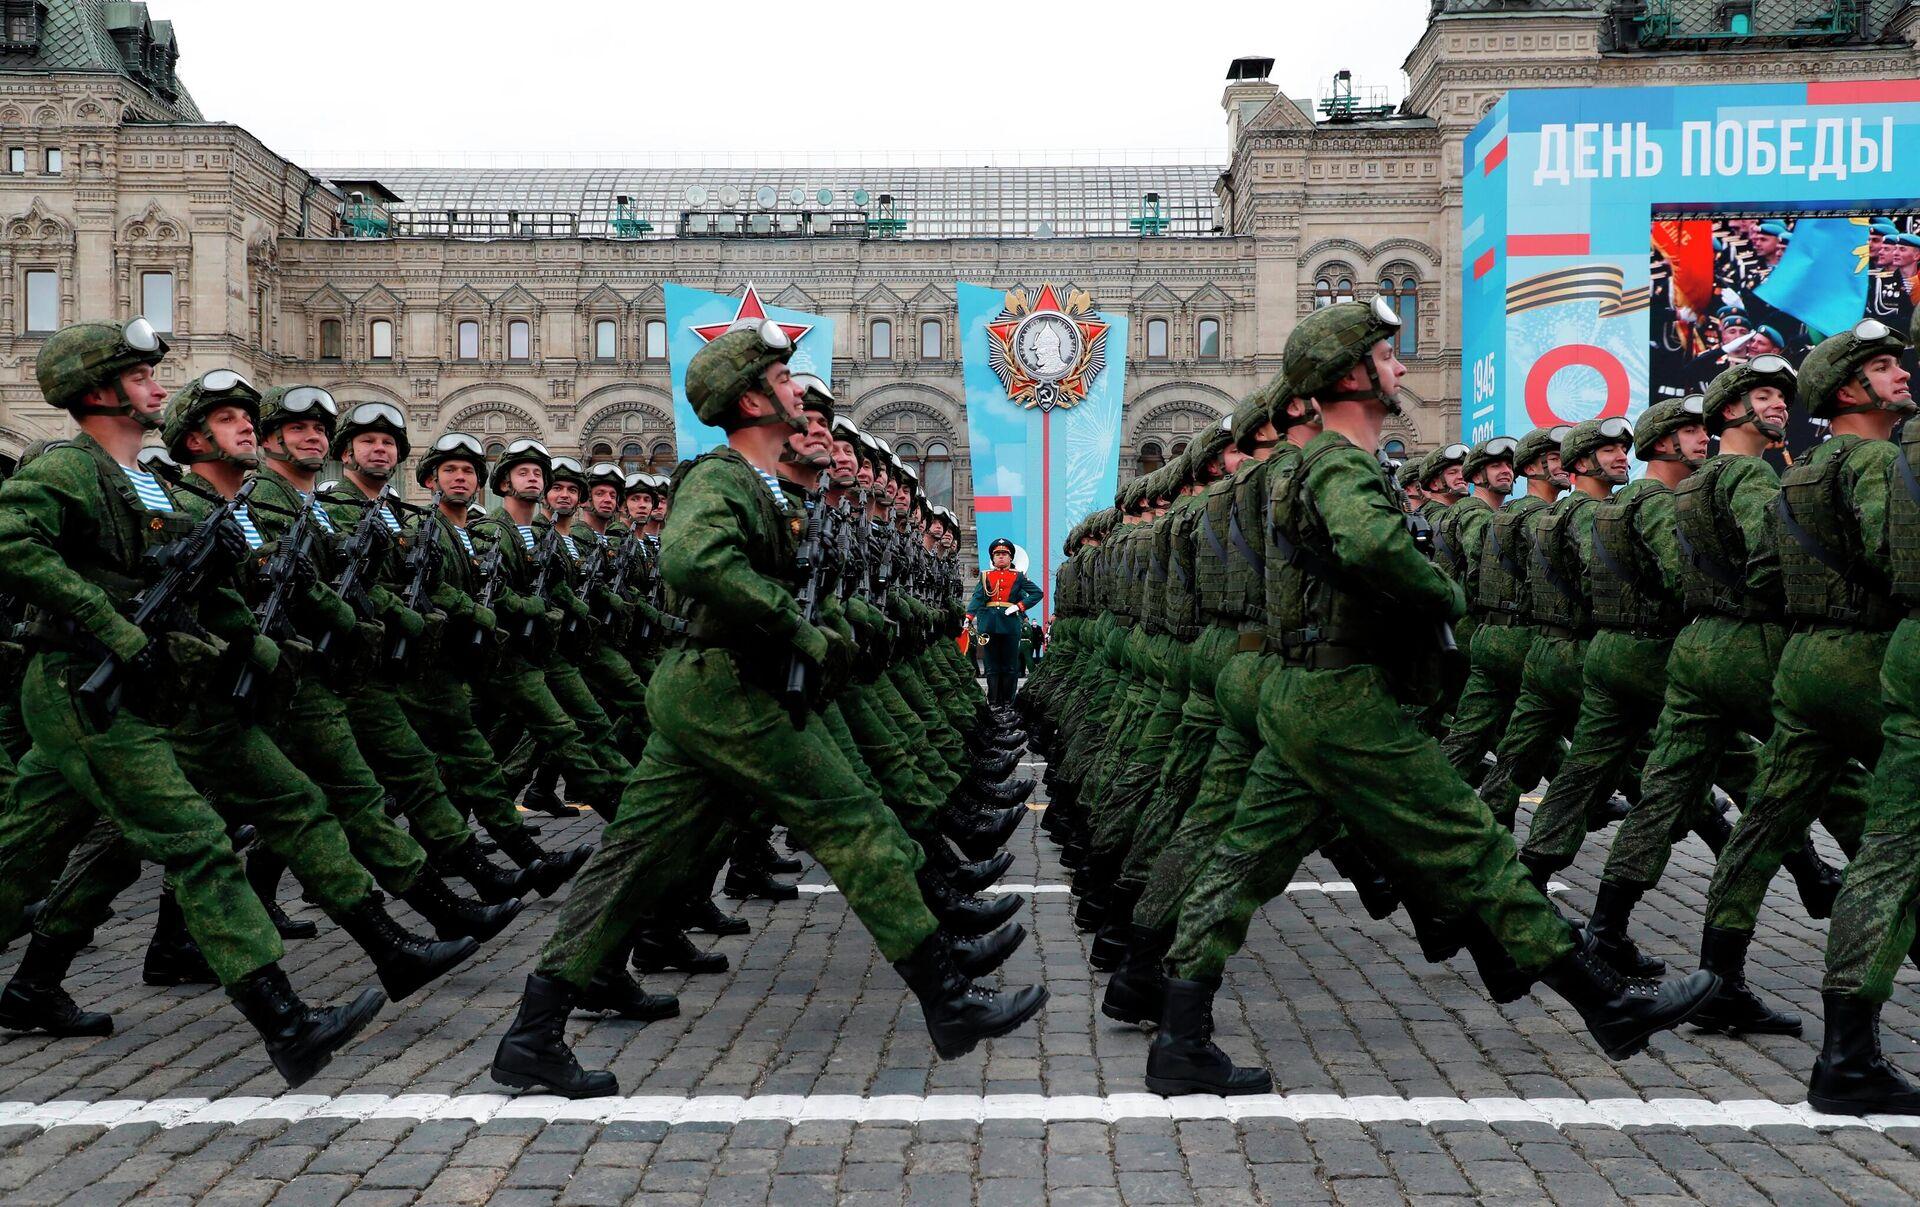 Военнослужащие парадных расчетов на военном параде в честь 76-й годовщины Победы в Великой Отечественной войне в Москве - РИА Новости, 1920, 09.05.2021